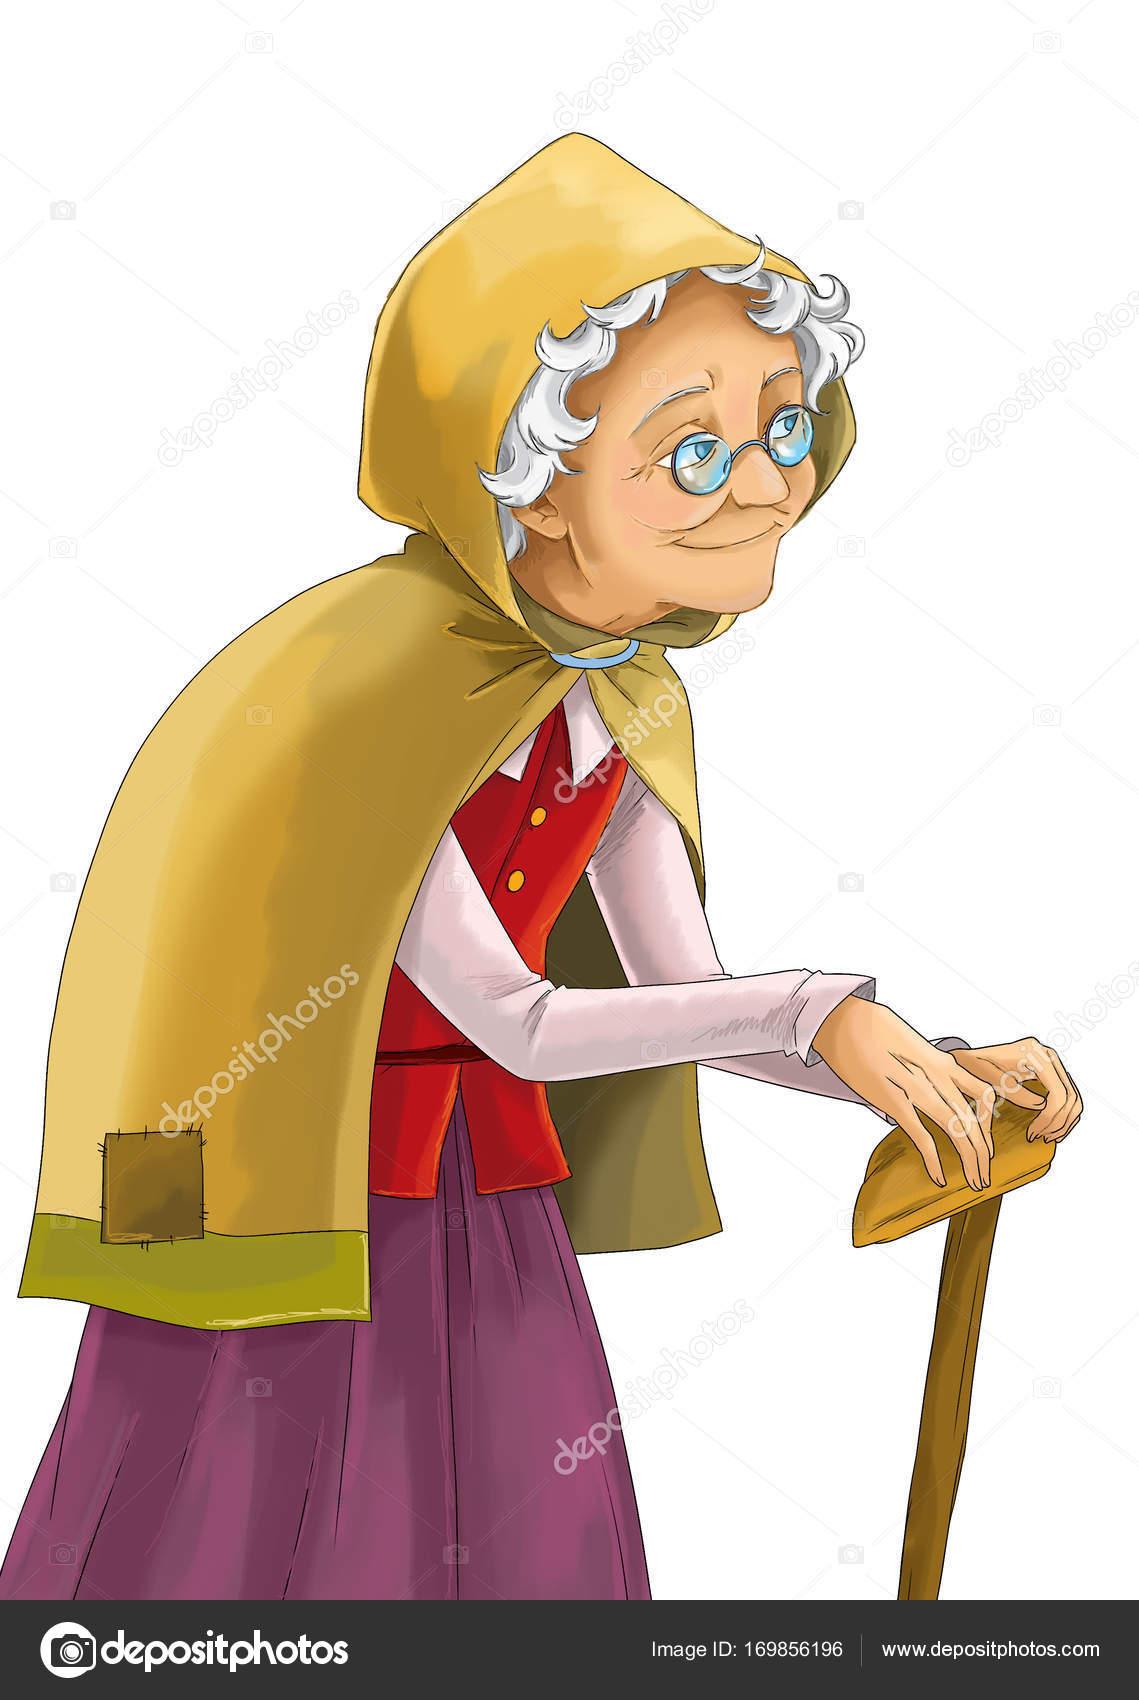 おとぎ話の漫画キャラの魔女や魔術師 イラスト子供のため ストック写真